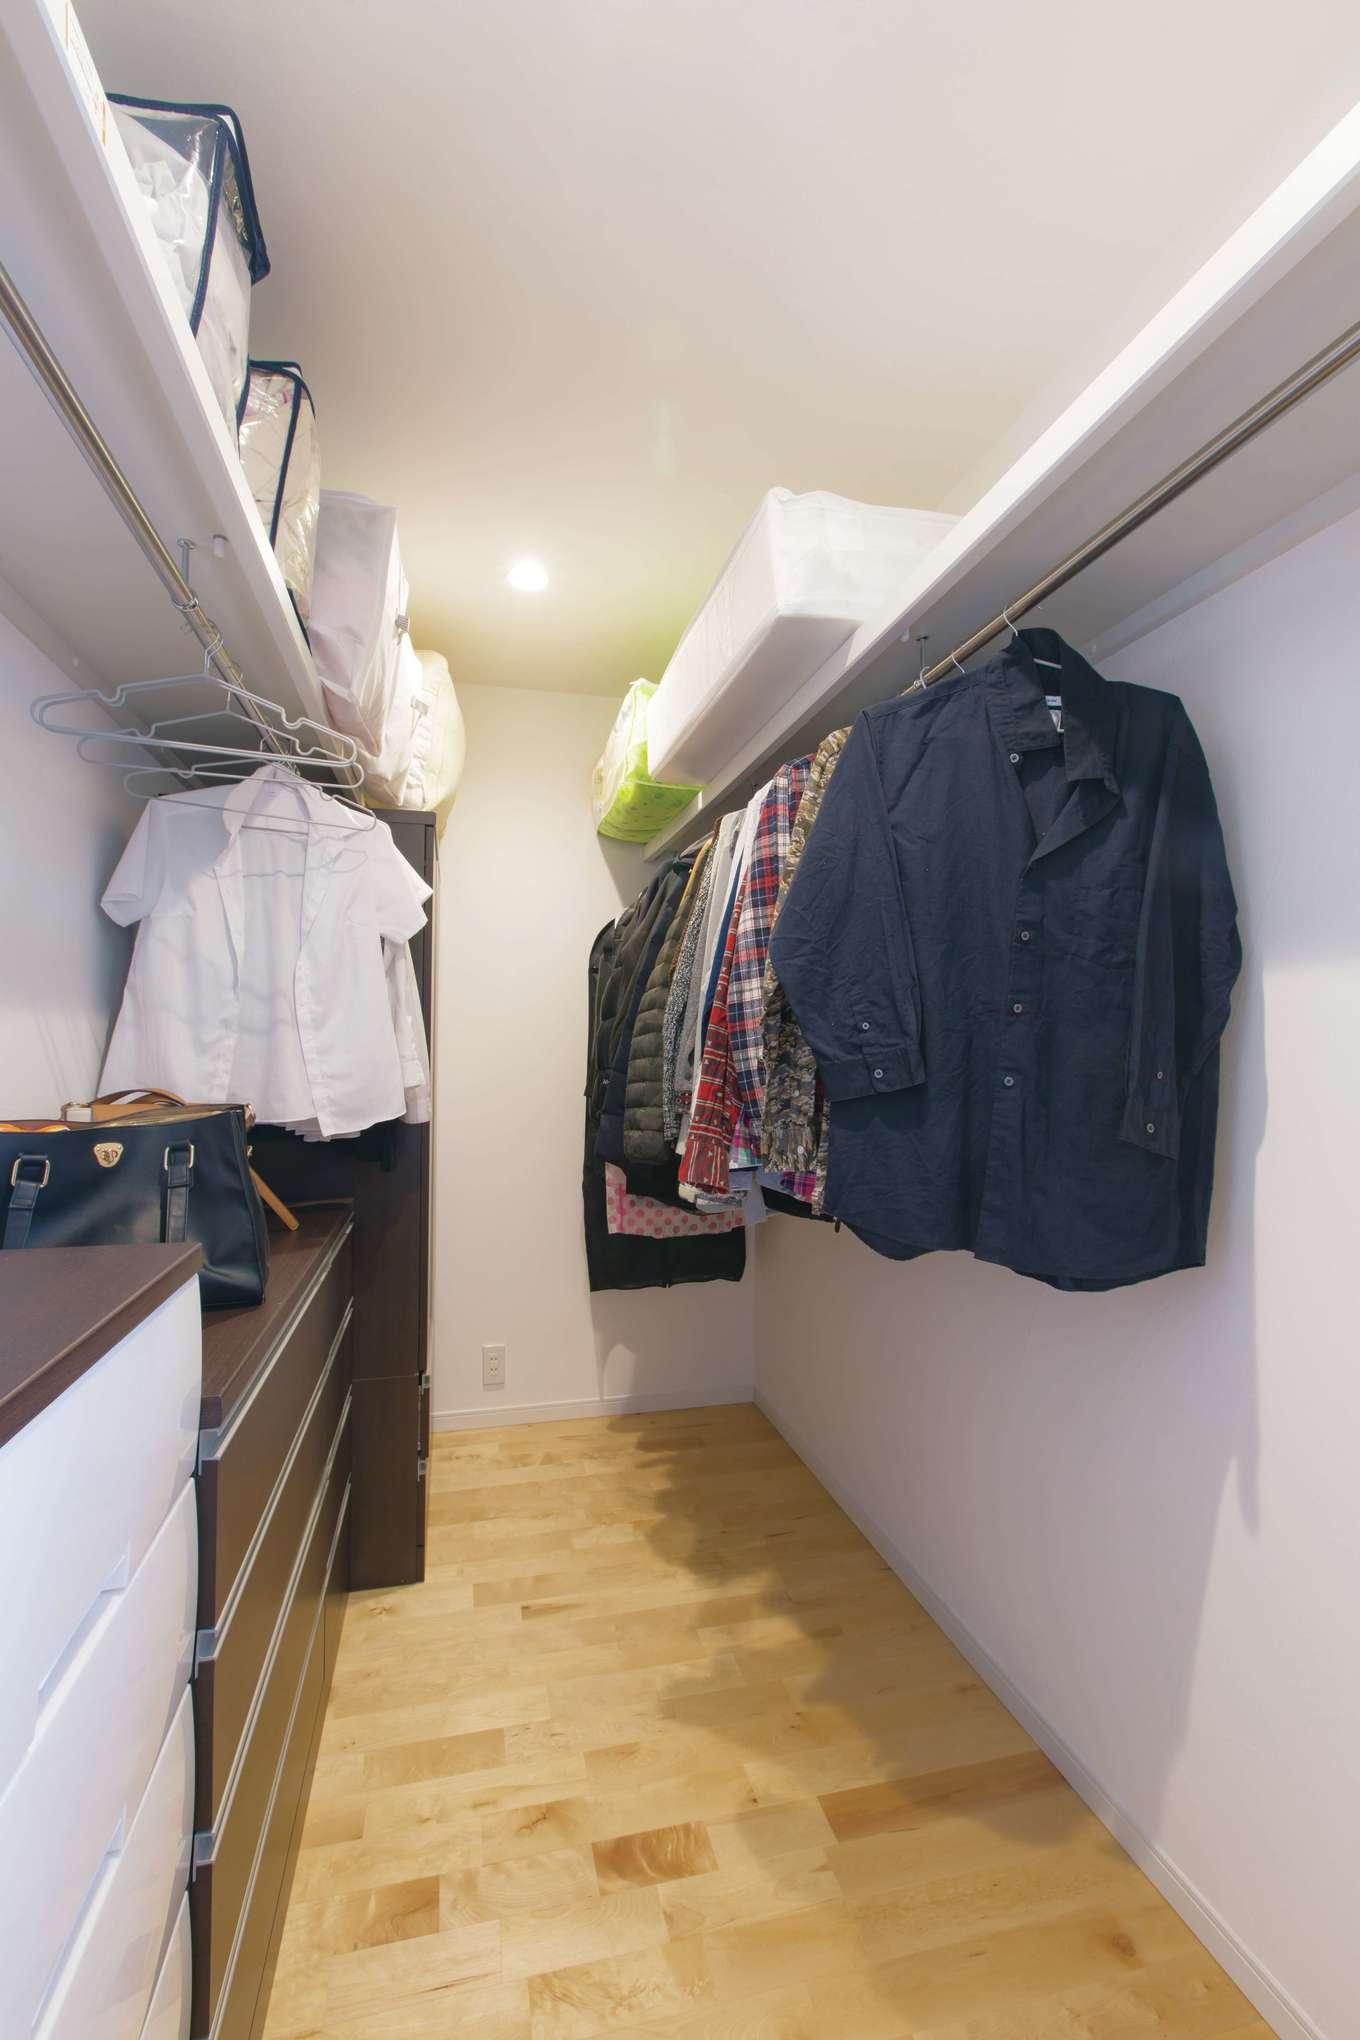 寝室の隣に設けたウォークインクローゼット。空気がこもらず衣類にニオイがつかない